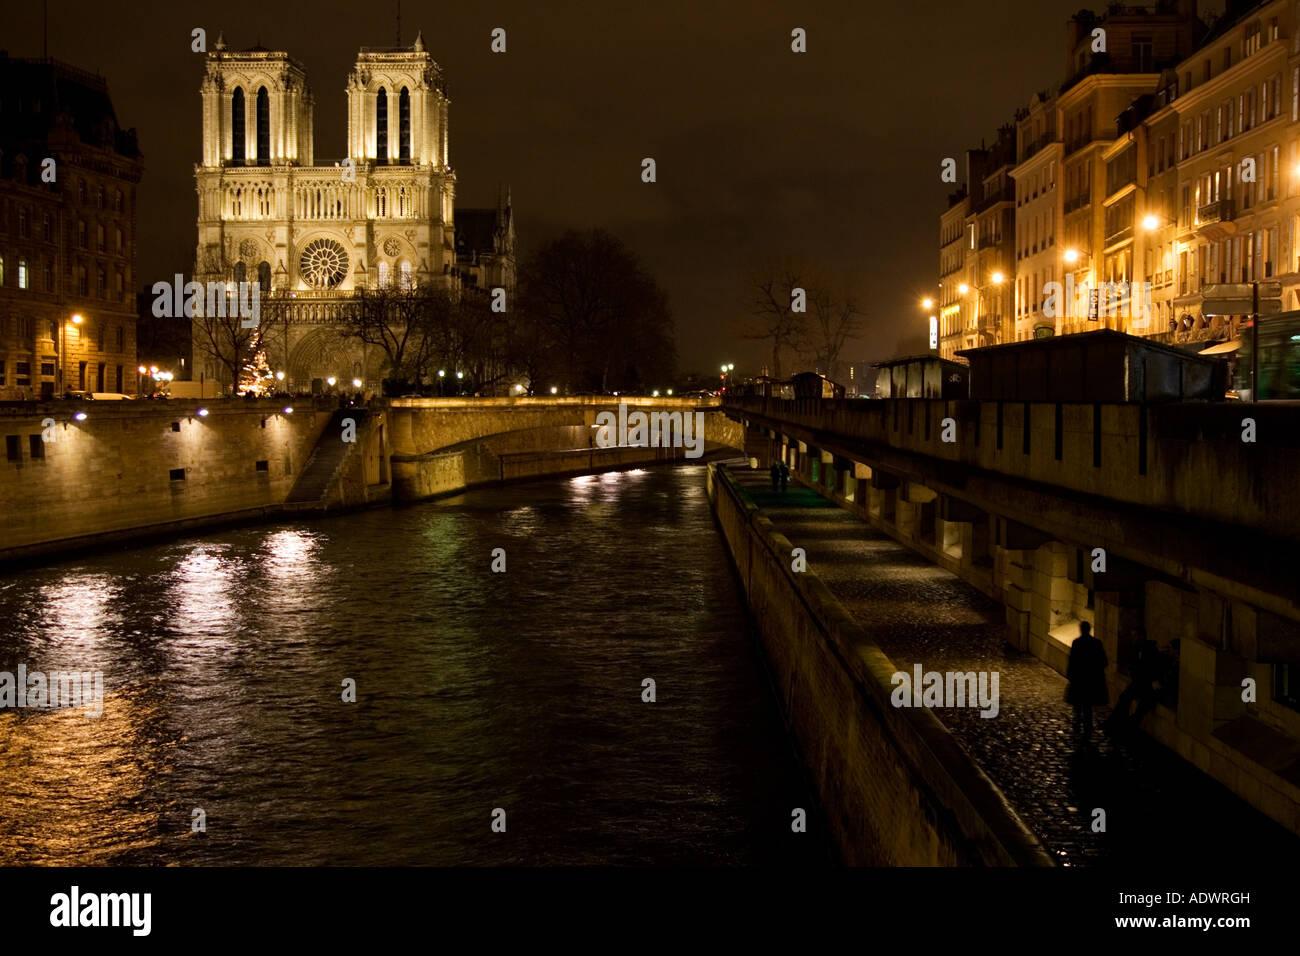 Cathedral Notre Dame de Paris at night on ële de la Cit by the river Seine Paris France - Stock Image